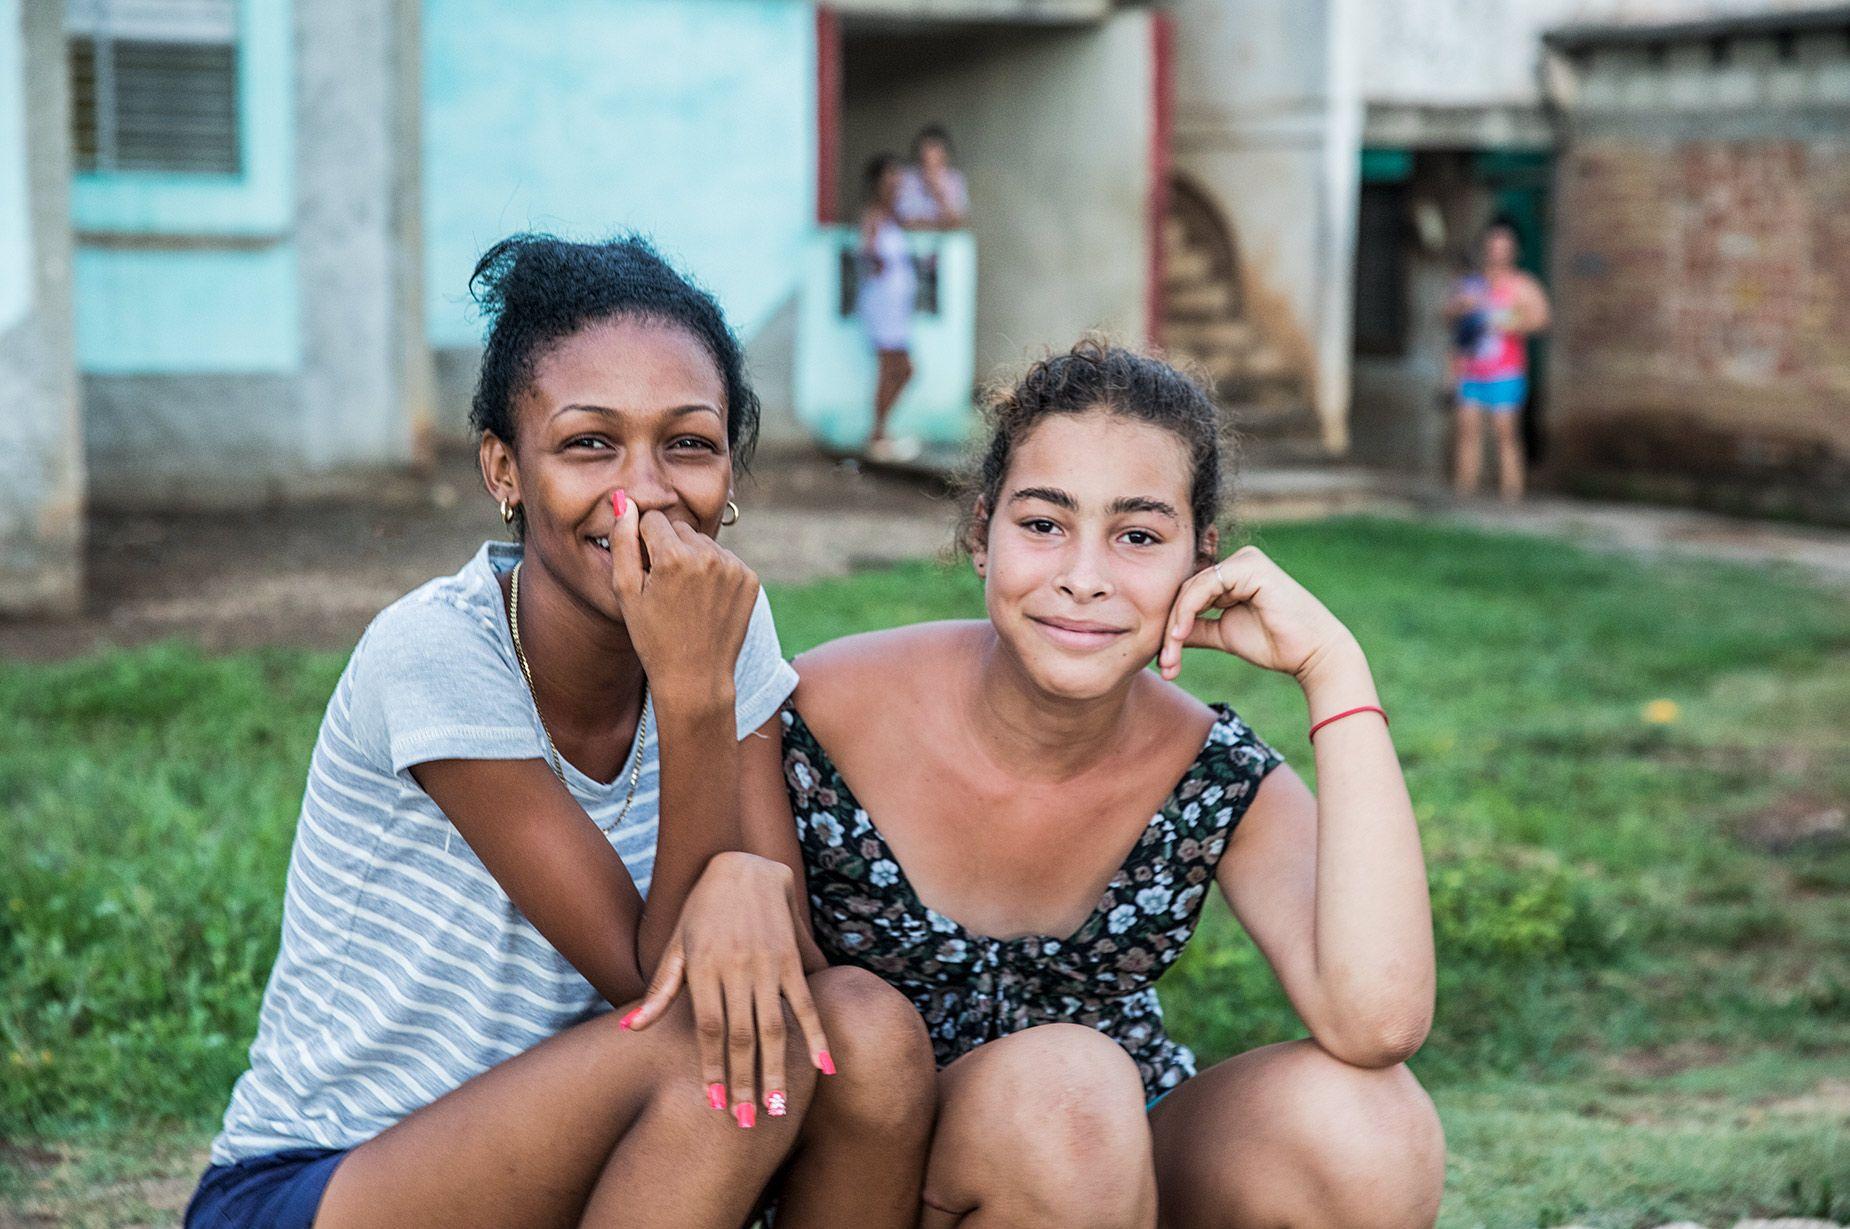 Cuba_525-Edit.jpg